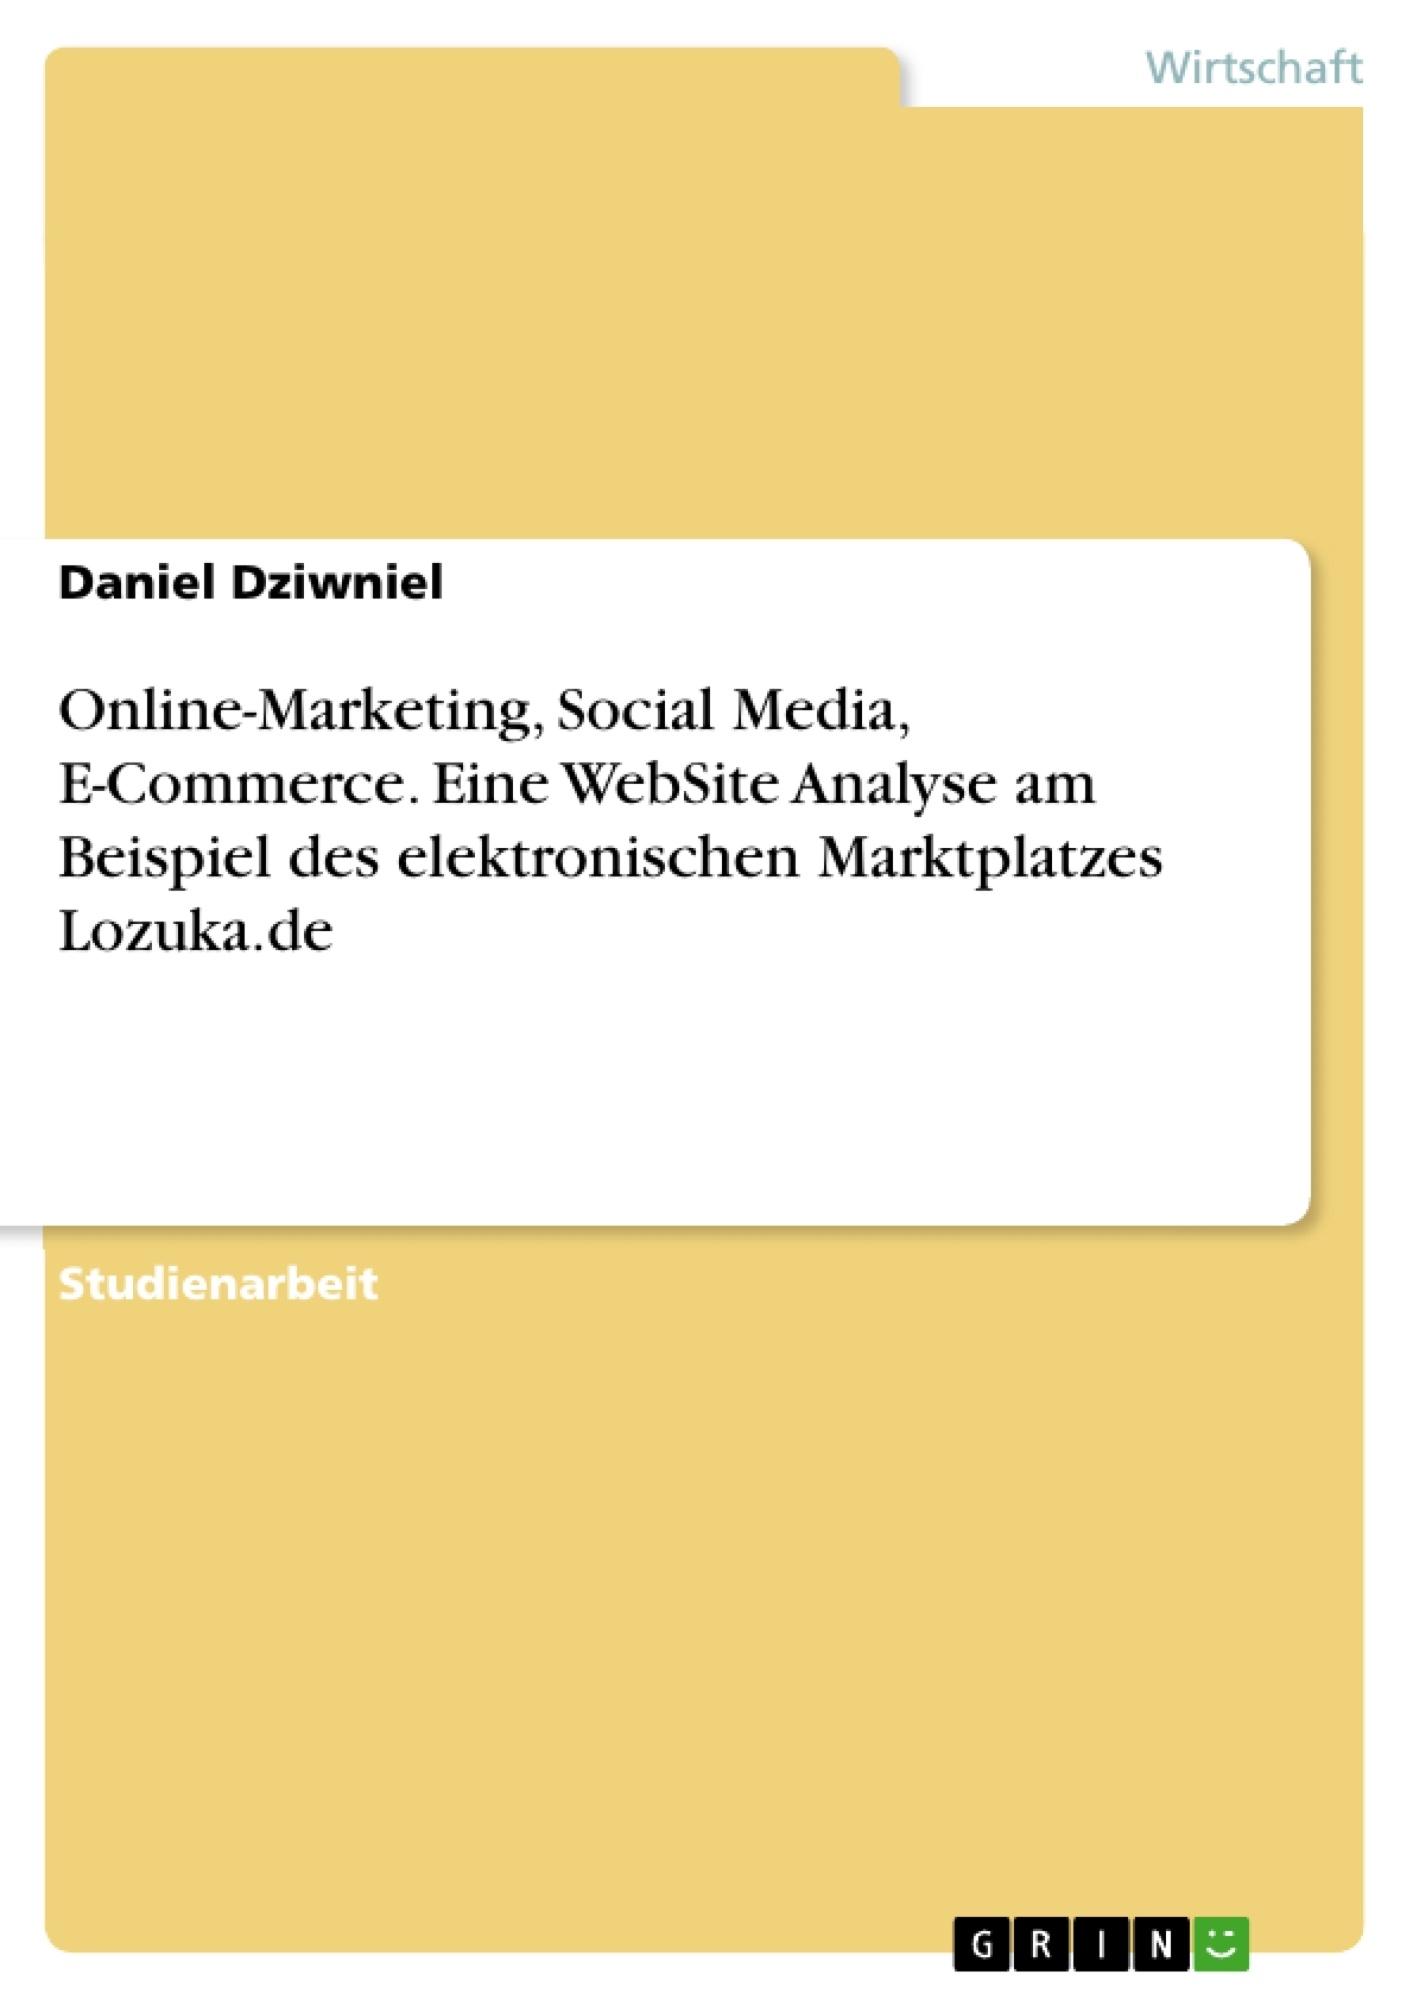 Titel: Online-Marketing, Social Media, E-Commerce. Eine WebSite Analyse am Beispiel des elektronischen Marktplatzes Lozuka.de